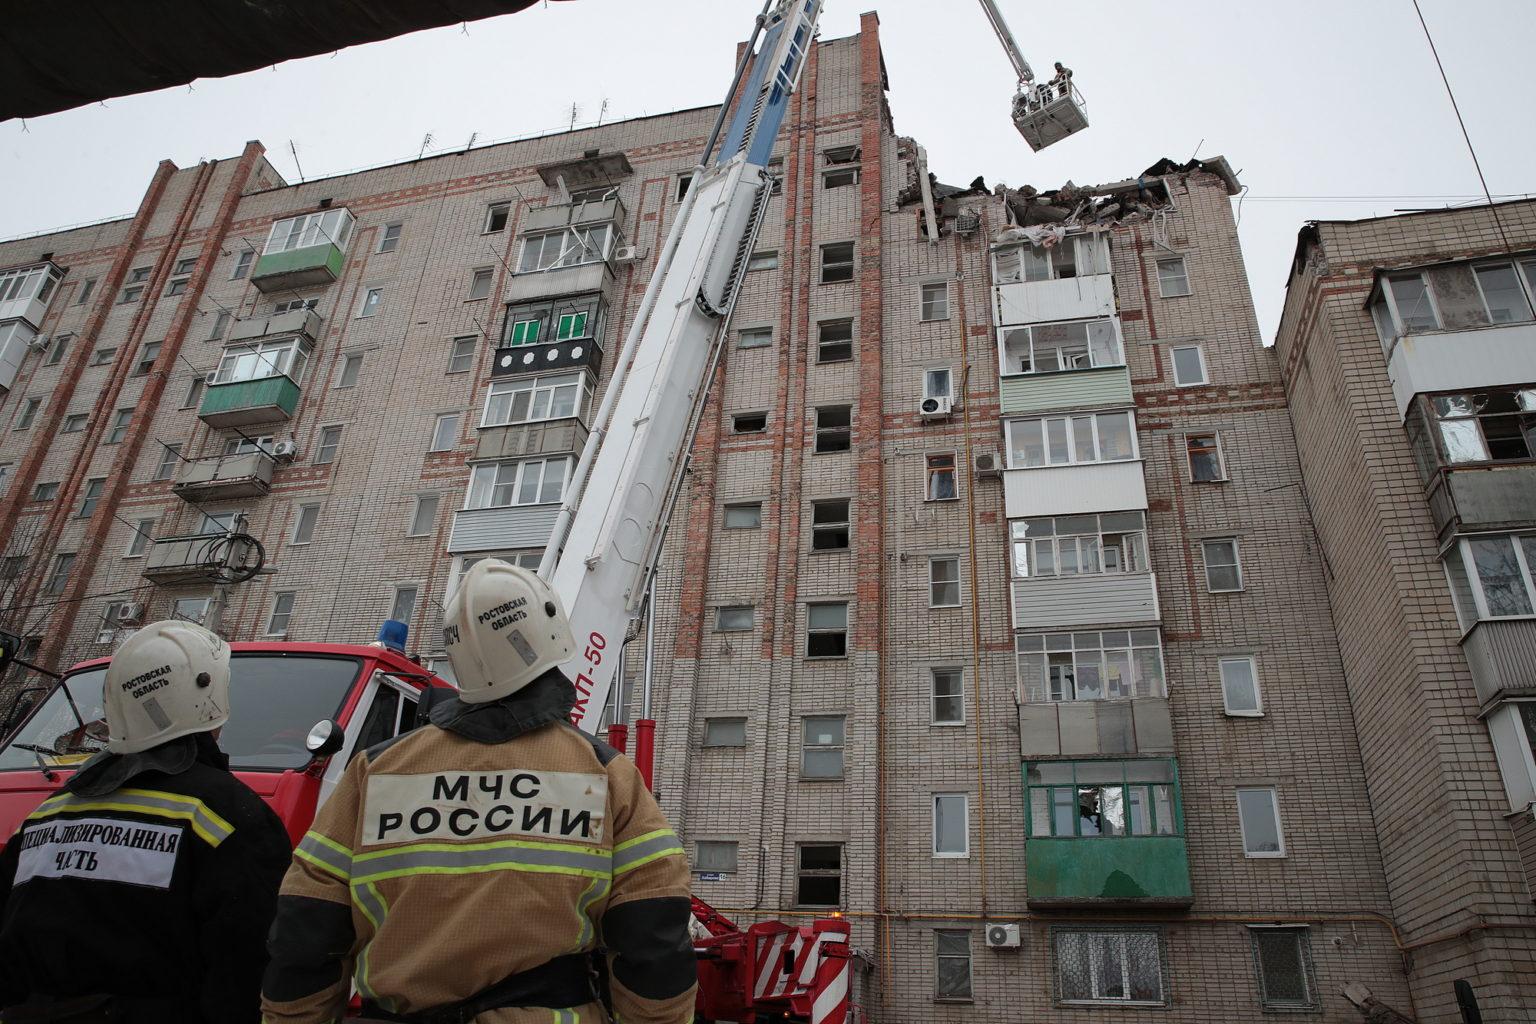 МЧС сообщило о четырех людях, которые могут быть под завалами в доме в Шахтах